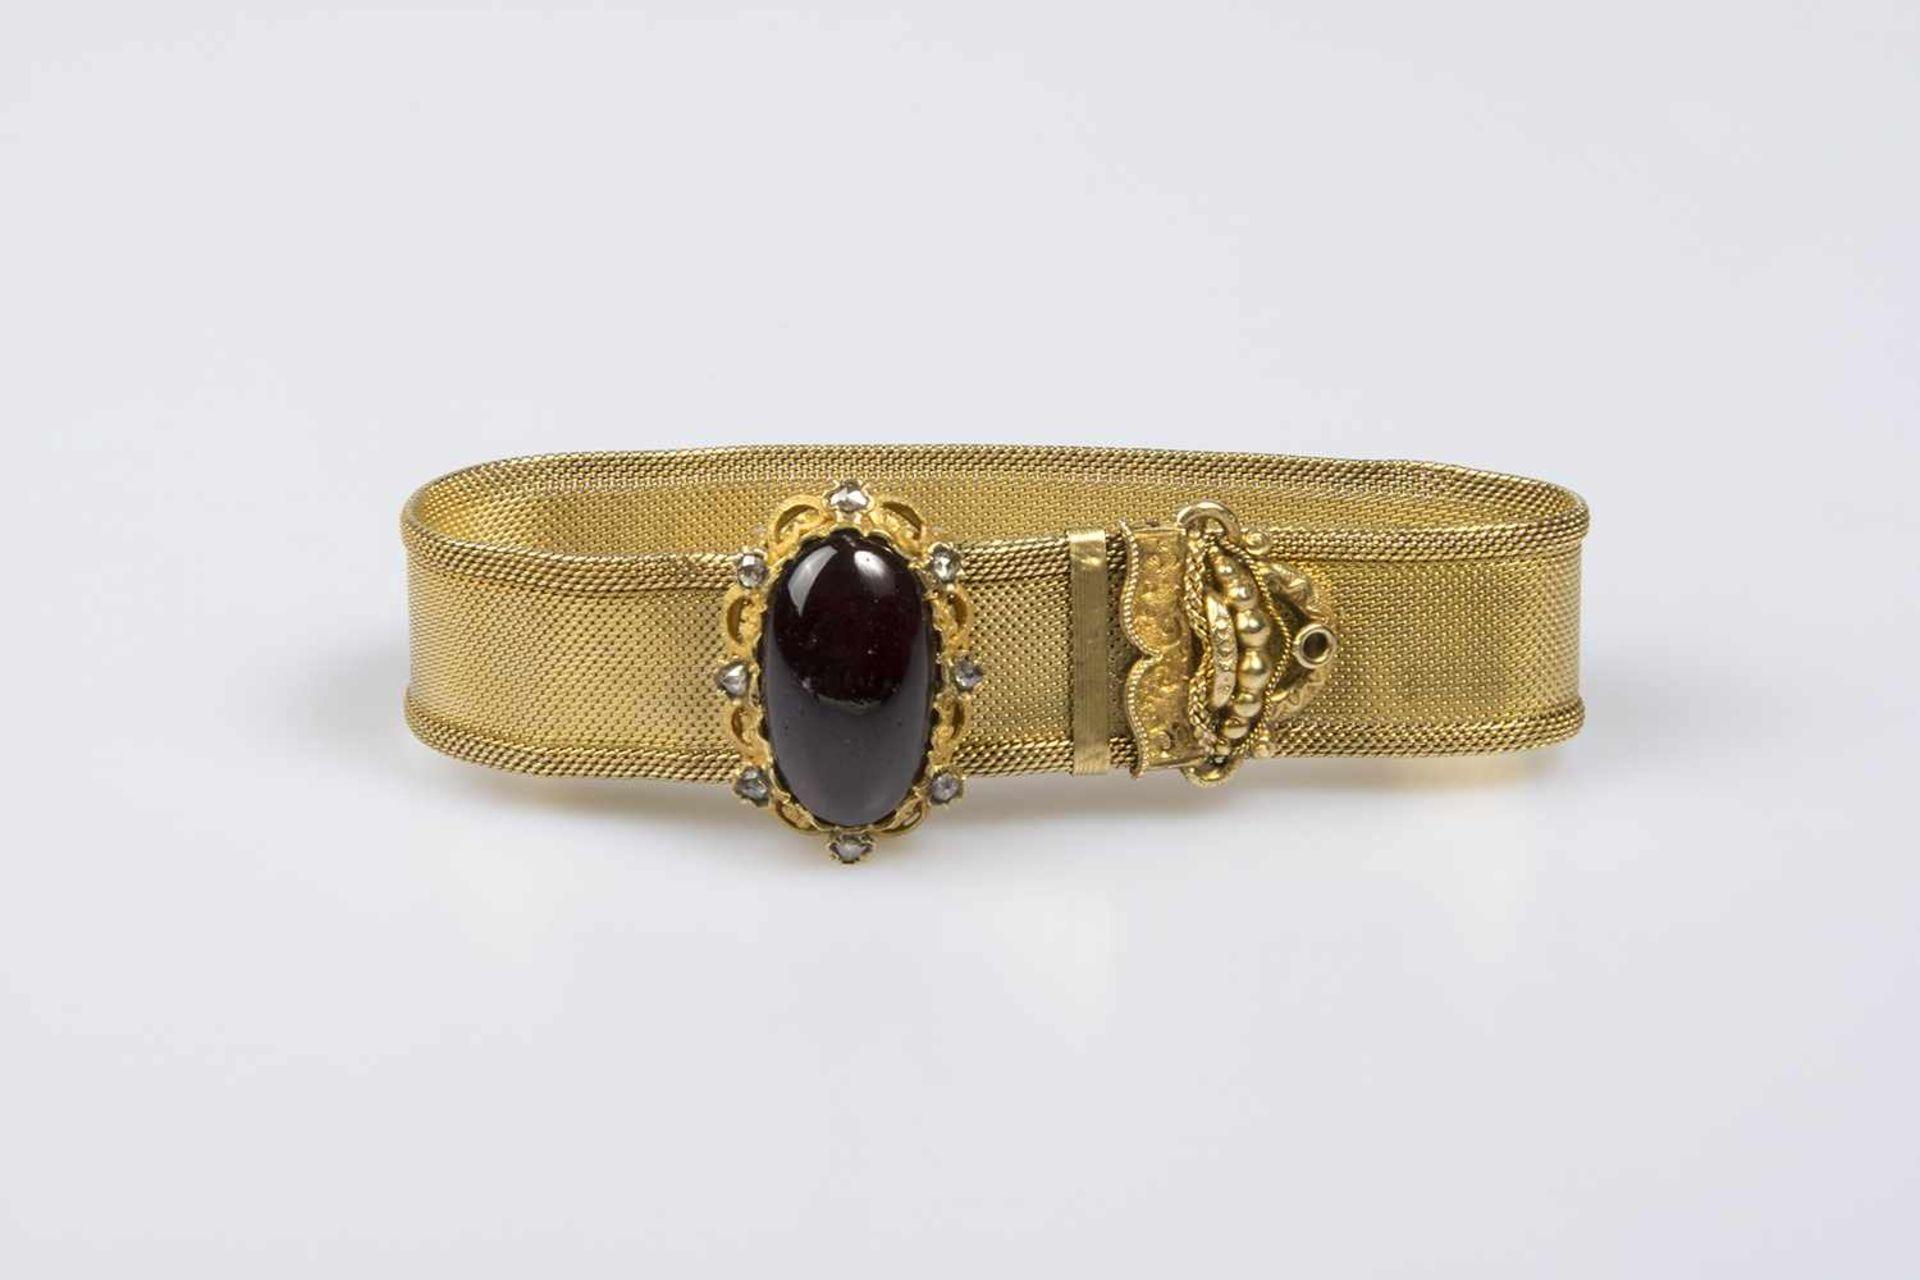 Los 29 - Biedermeier-Armband Gold 580 mit Diamantrauten und 1 ovaler Schmuckstein ( Almandin ),